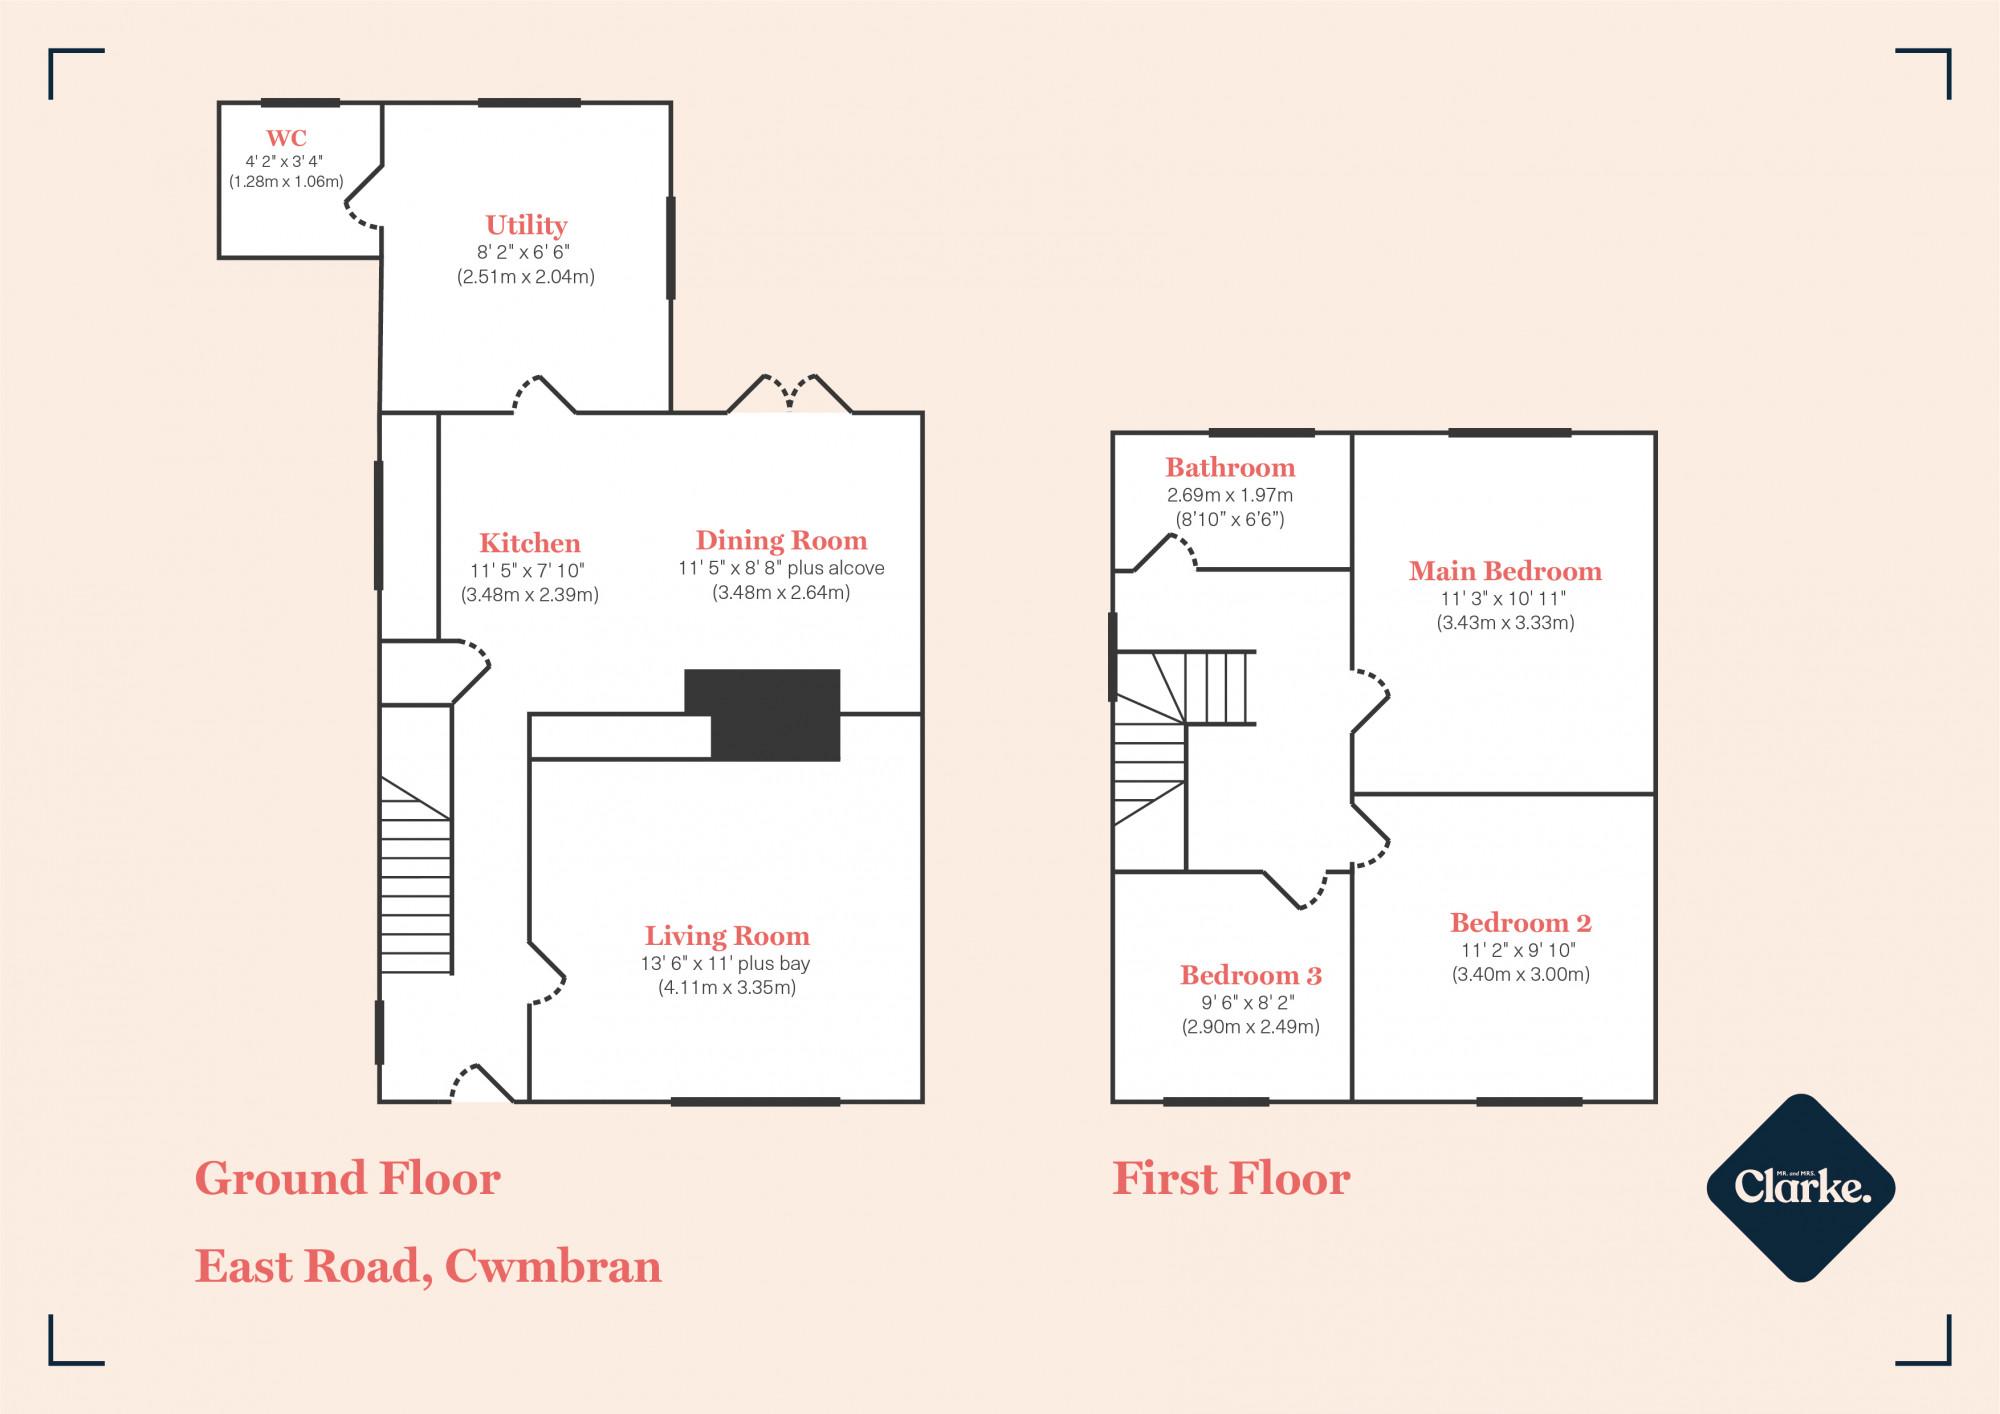 East Road, Cwmbran. Floorplan.